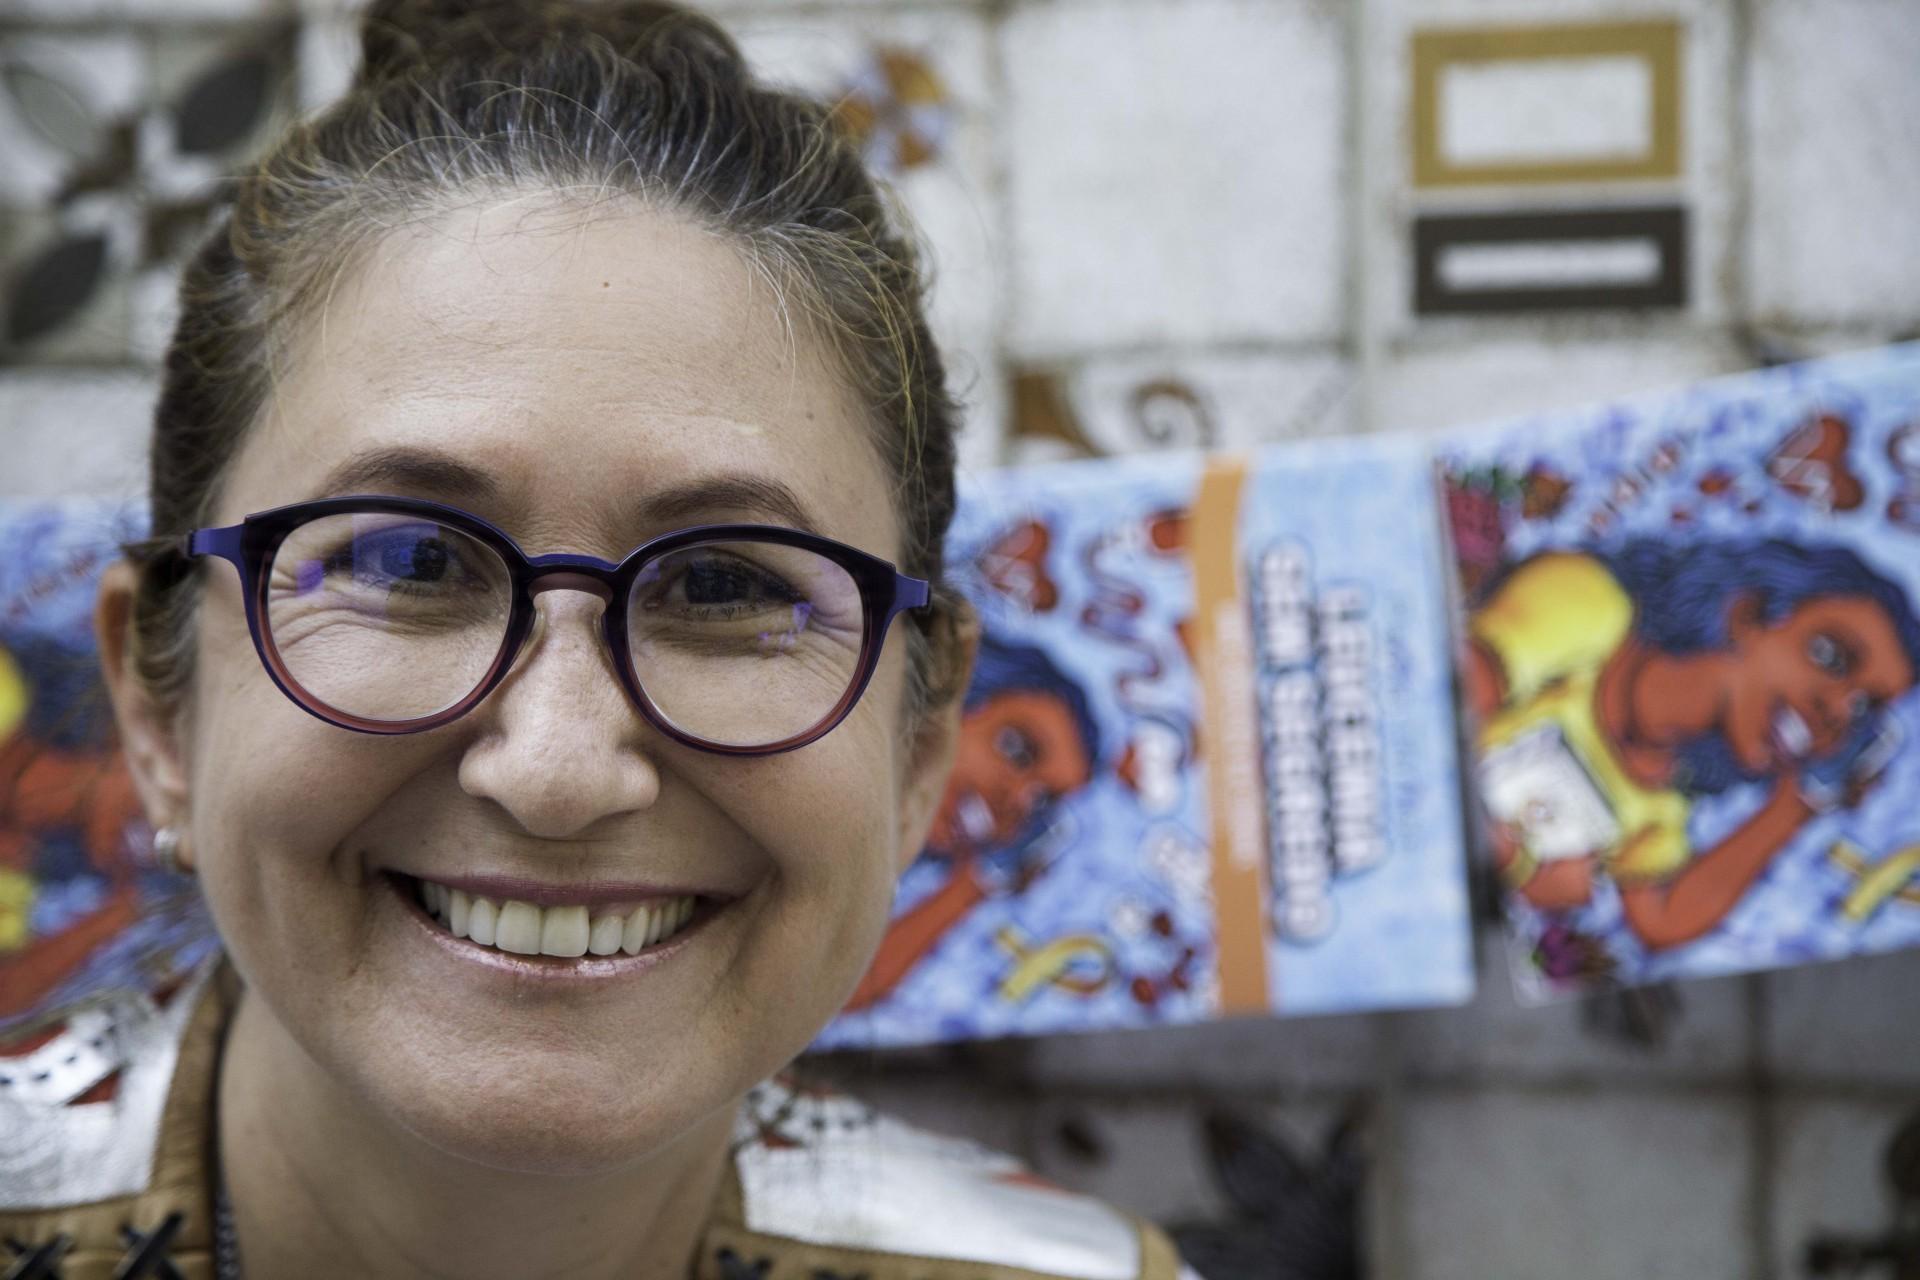 A médica onco-hematologista Paola Tôrres utiliza cordéis autorais para conscientizar pessoas na prevenção contra o câncer (Foto: Eder Bicudo/Especial para O POVO)